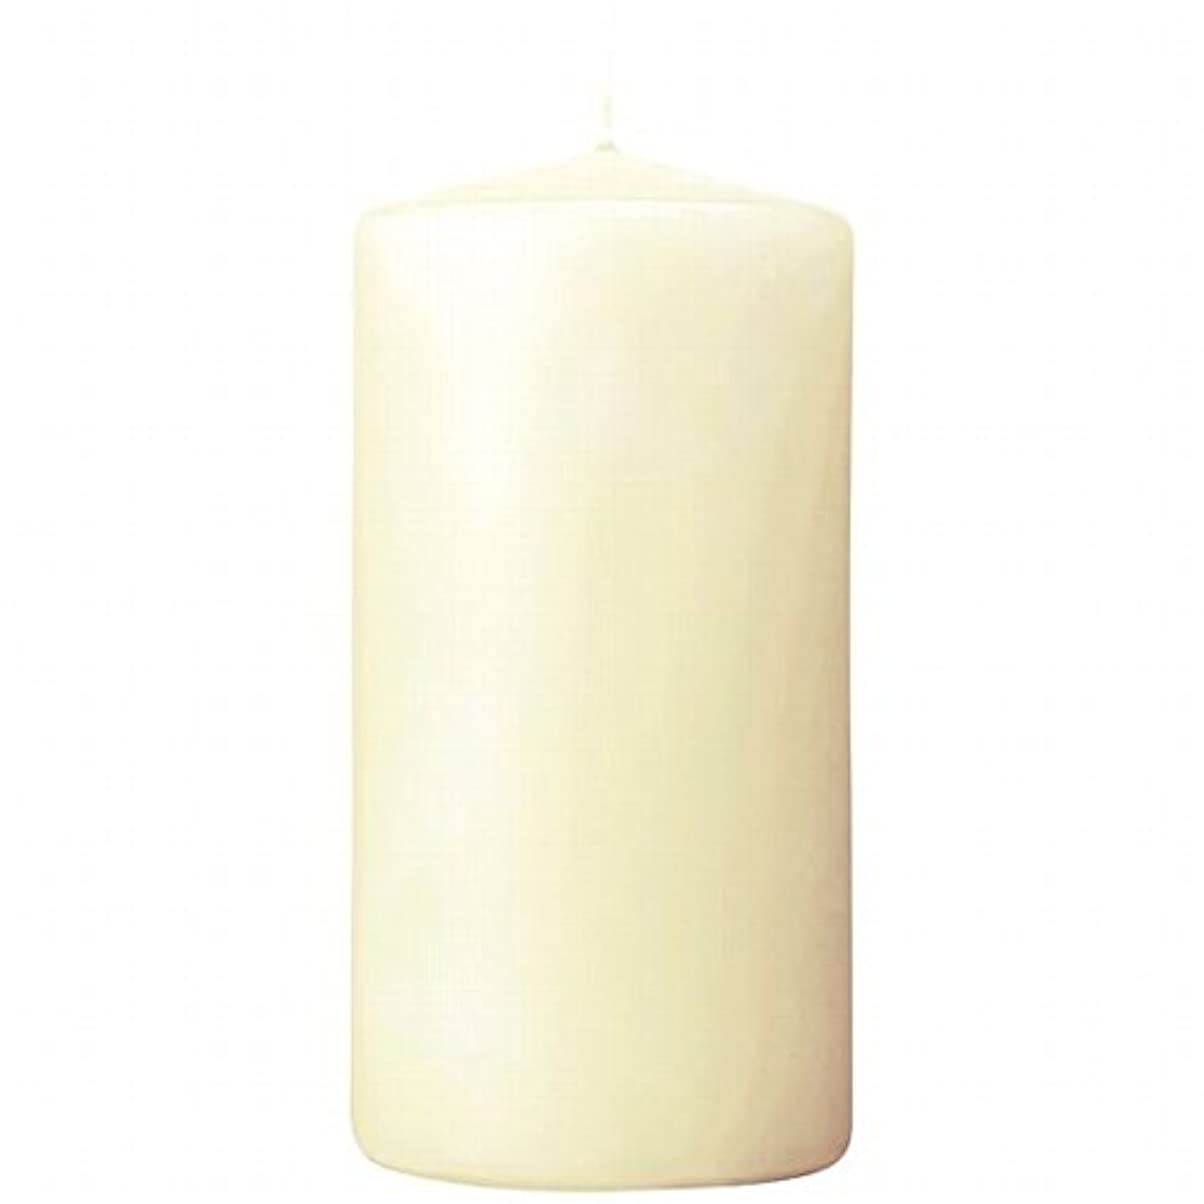 支配するあなたが良くなります消費者カメヤマキャンドル(kameyama candle) 3×6ベルトップピラーキャンドル 「 アイボリー 」